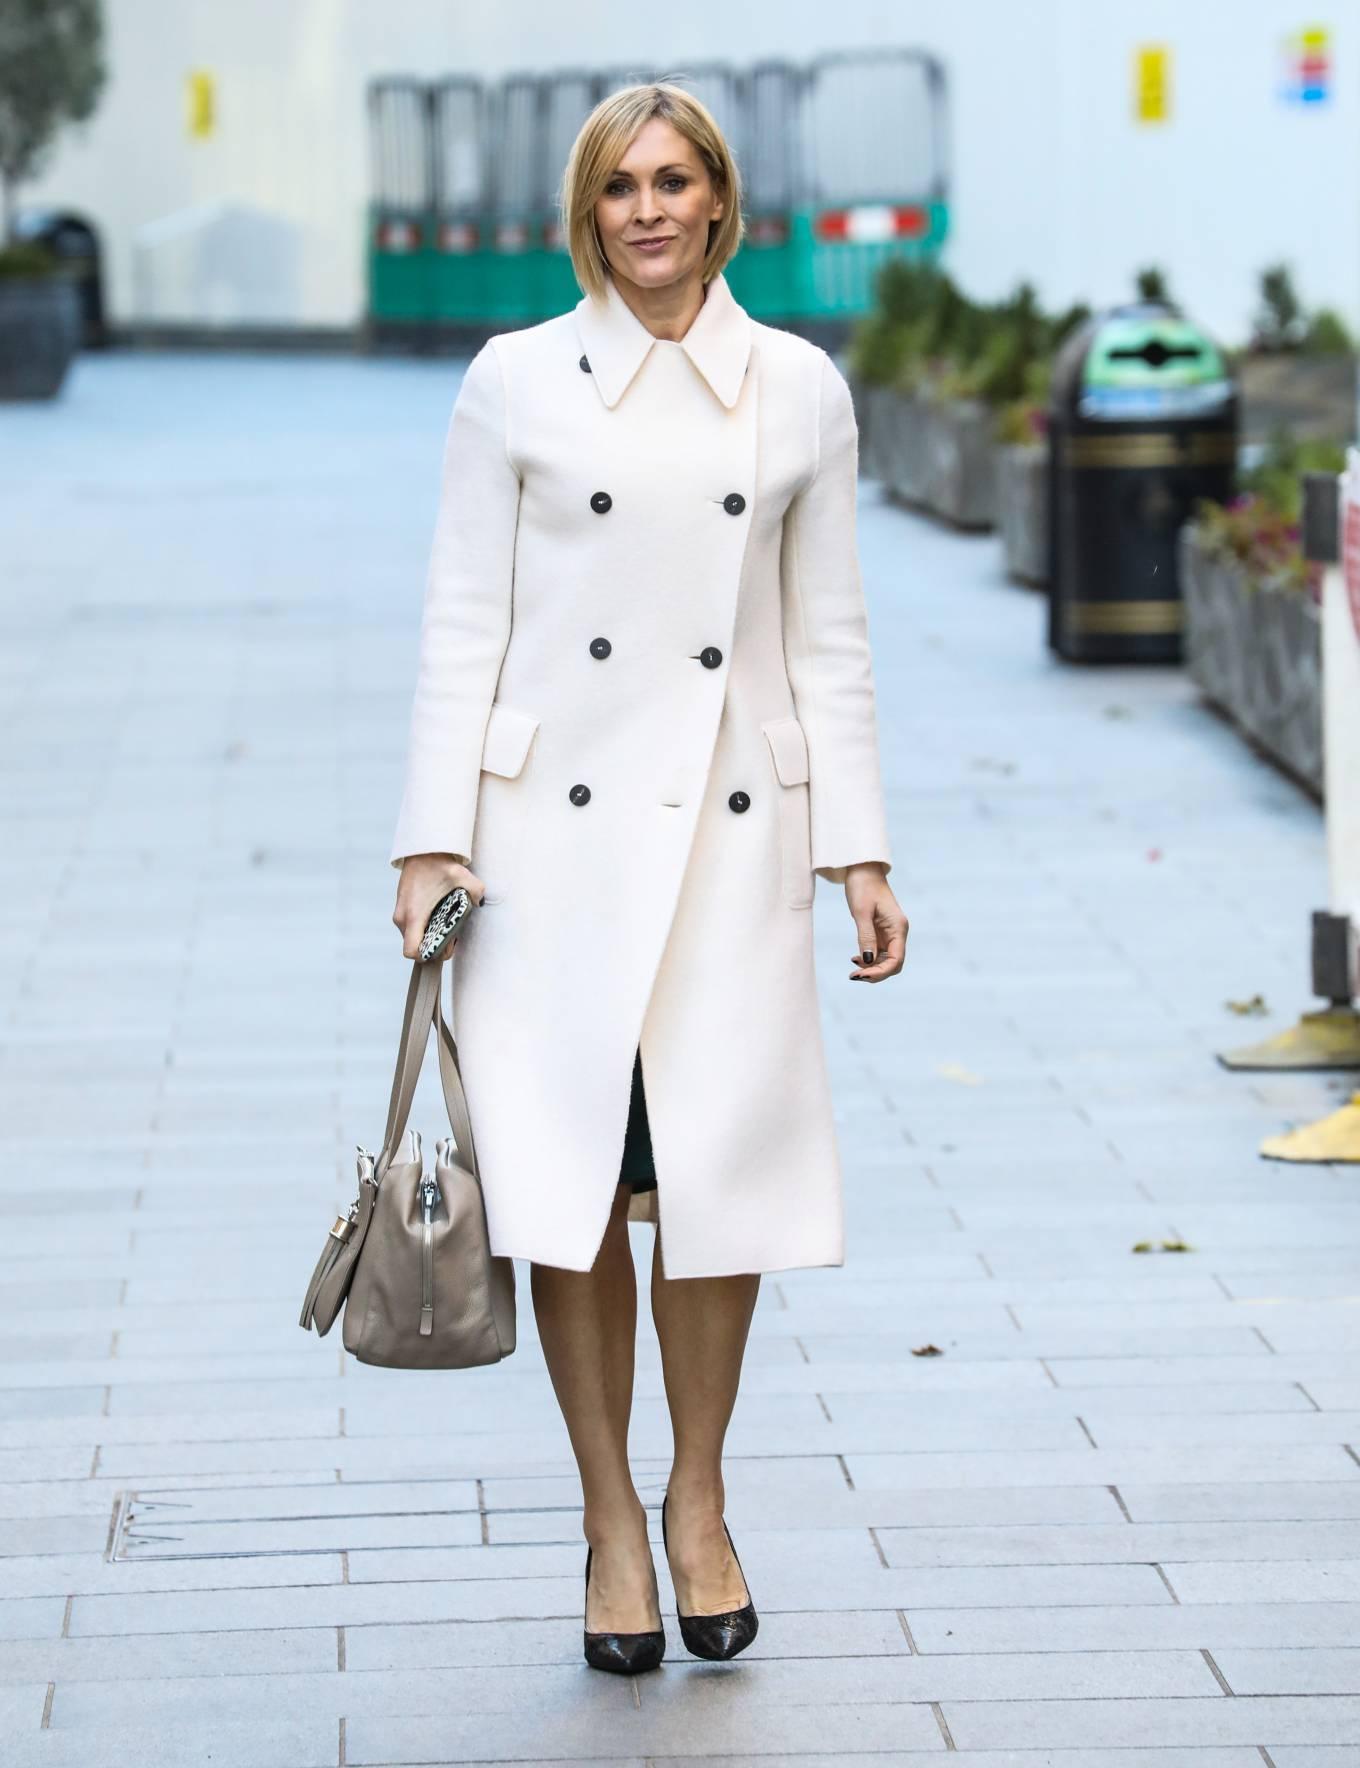 Jenni Falconer -In white coat departing the Global Radio Studios in London